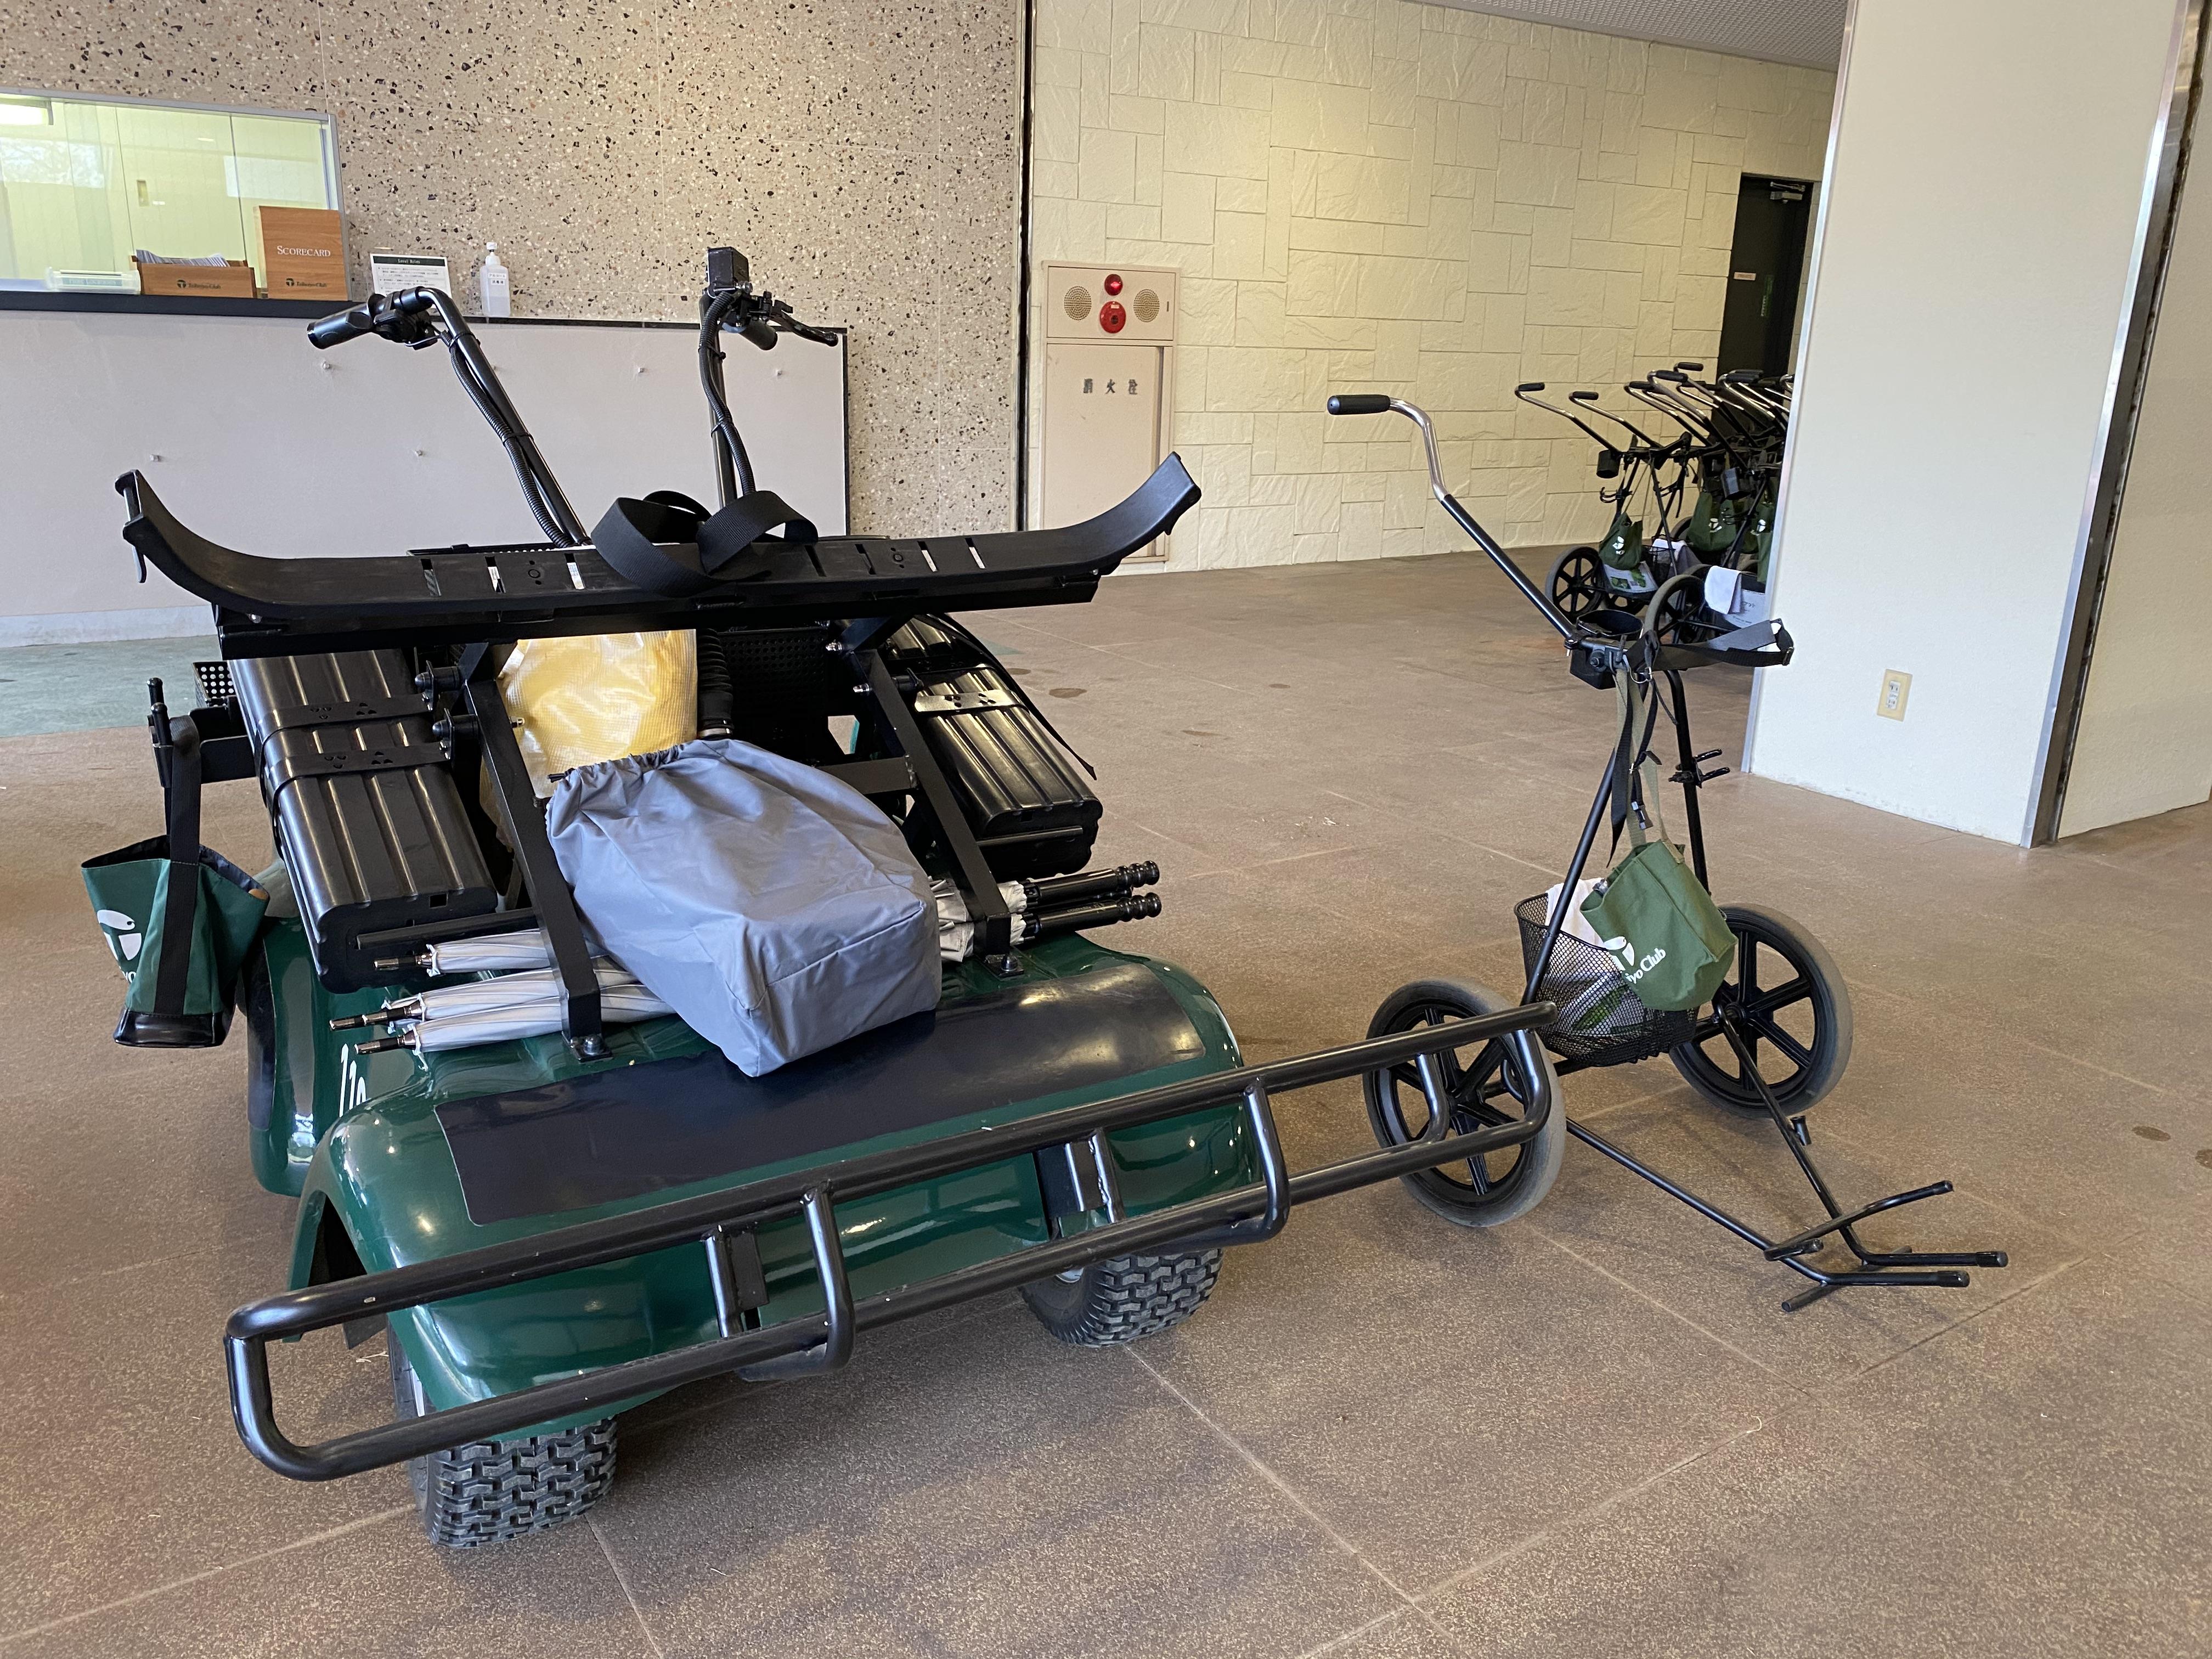 <p>プレー方式は、キャディ付きの歩きプレーか手引きカートでのセルフプレーを選択できる。もちろん、キャディバッグを自分で担いでラウンドしてもオッケーです</p>